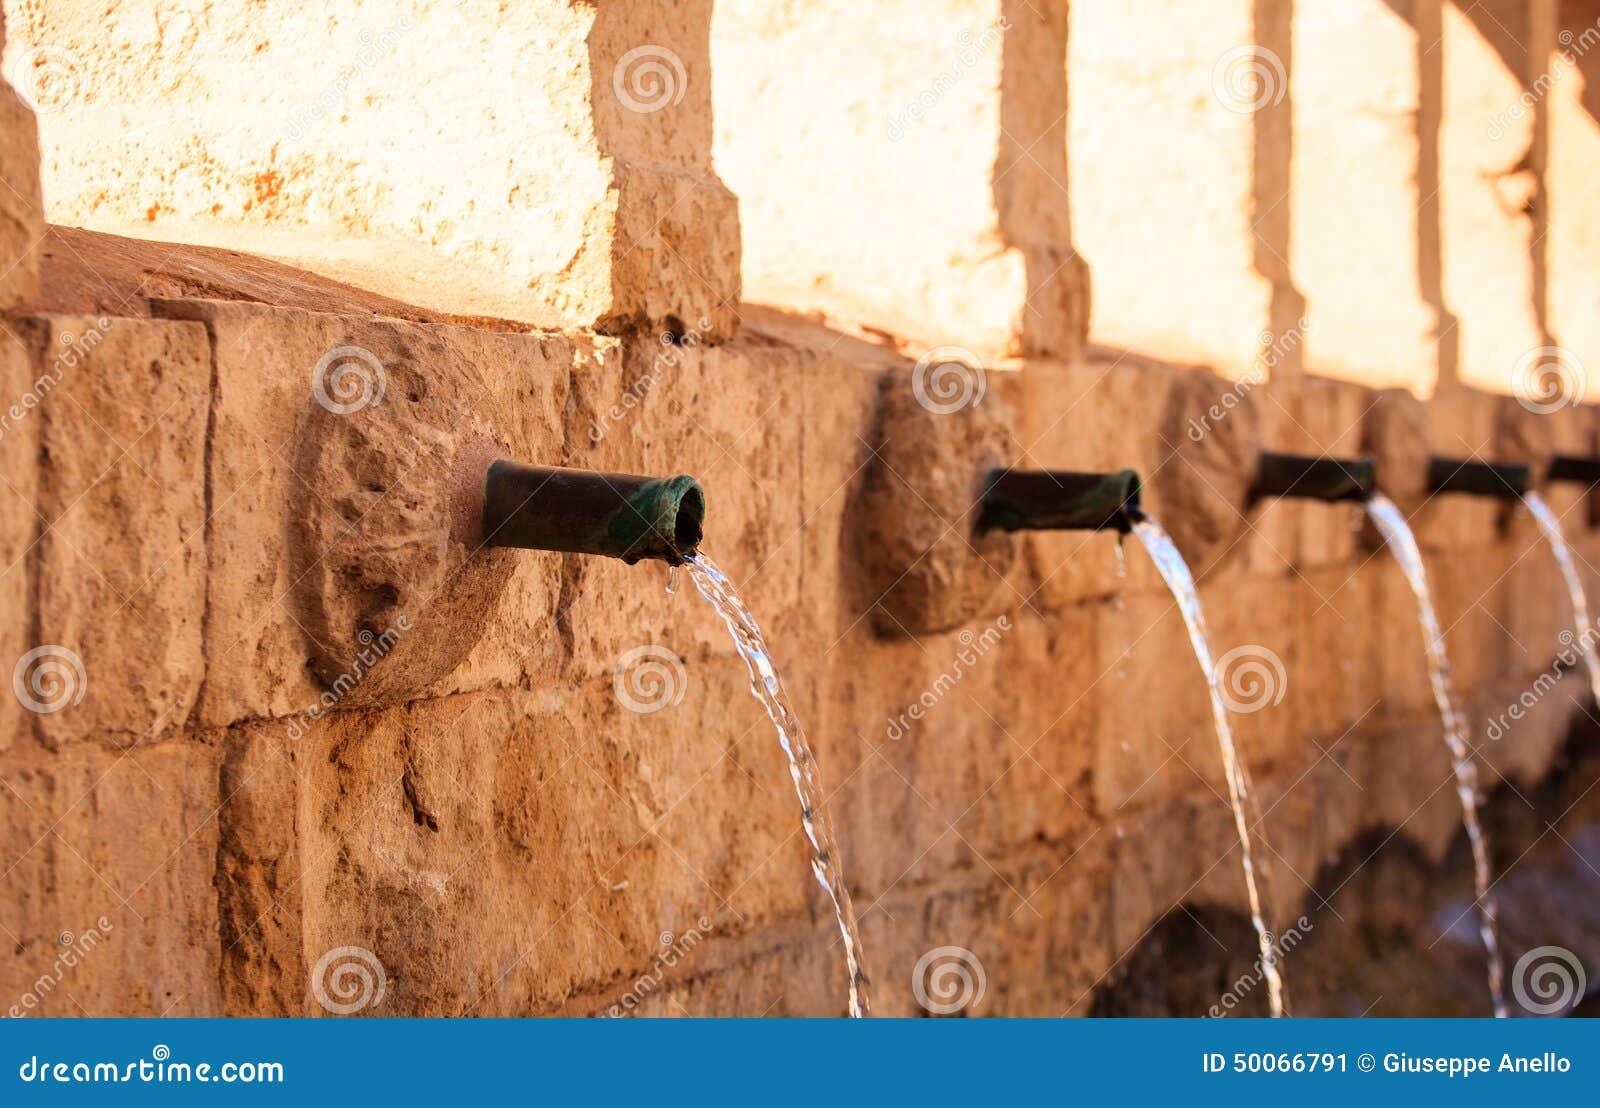 Granfonte, Barocker Brunnen In Leonforte Stockbild - Bild von ...